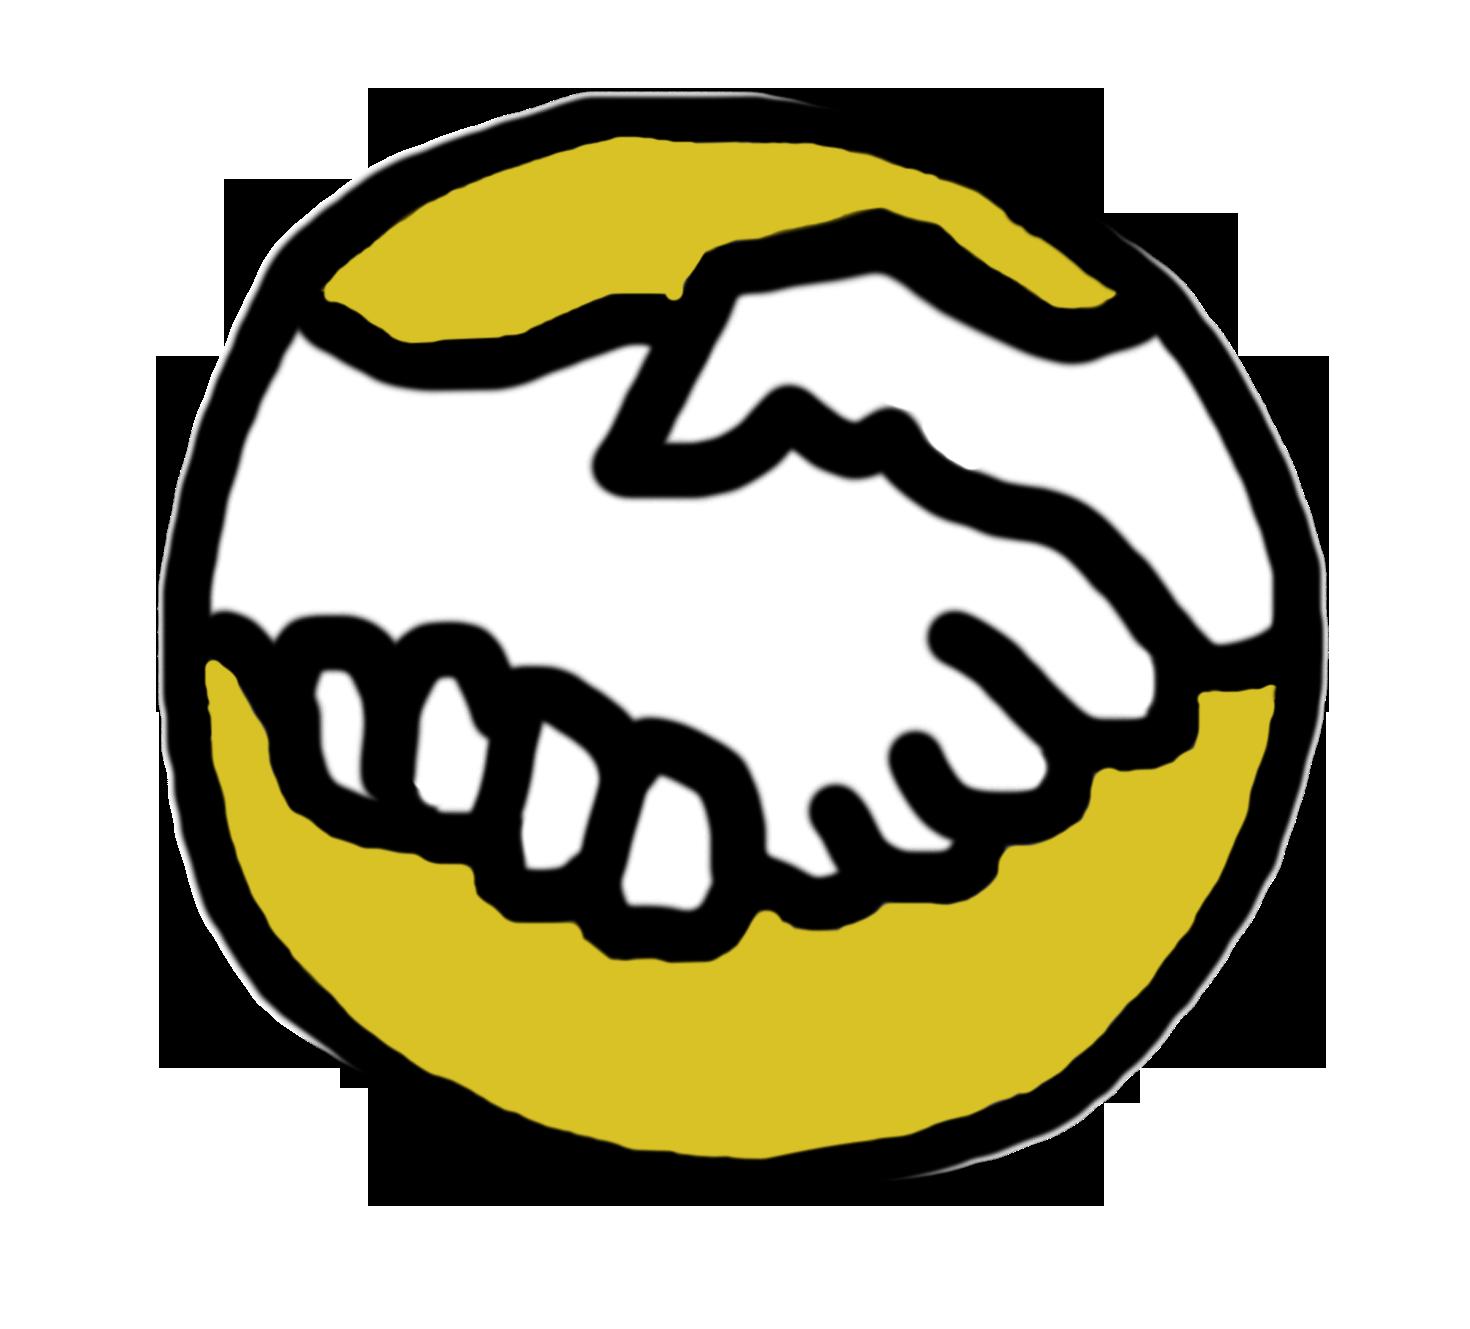 handen pictogram geel